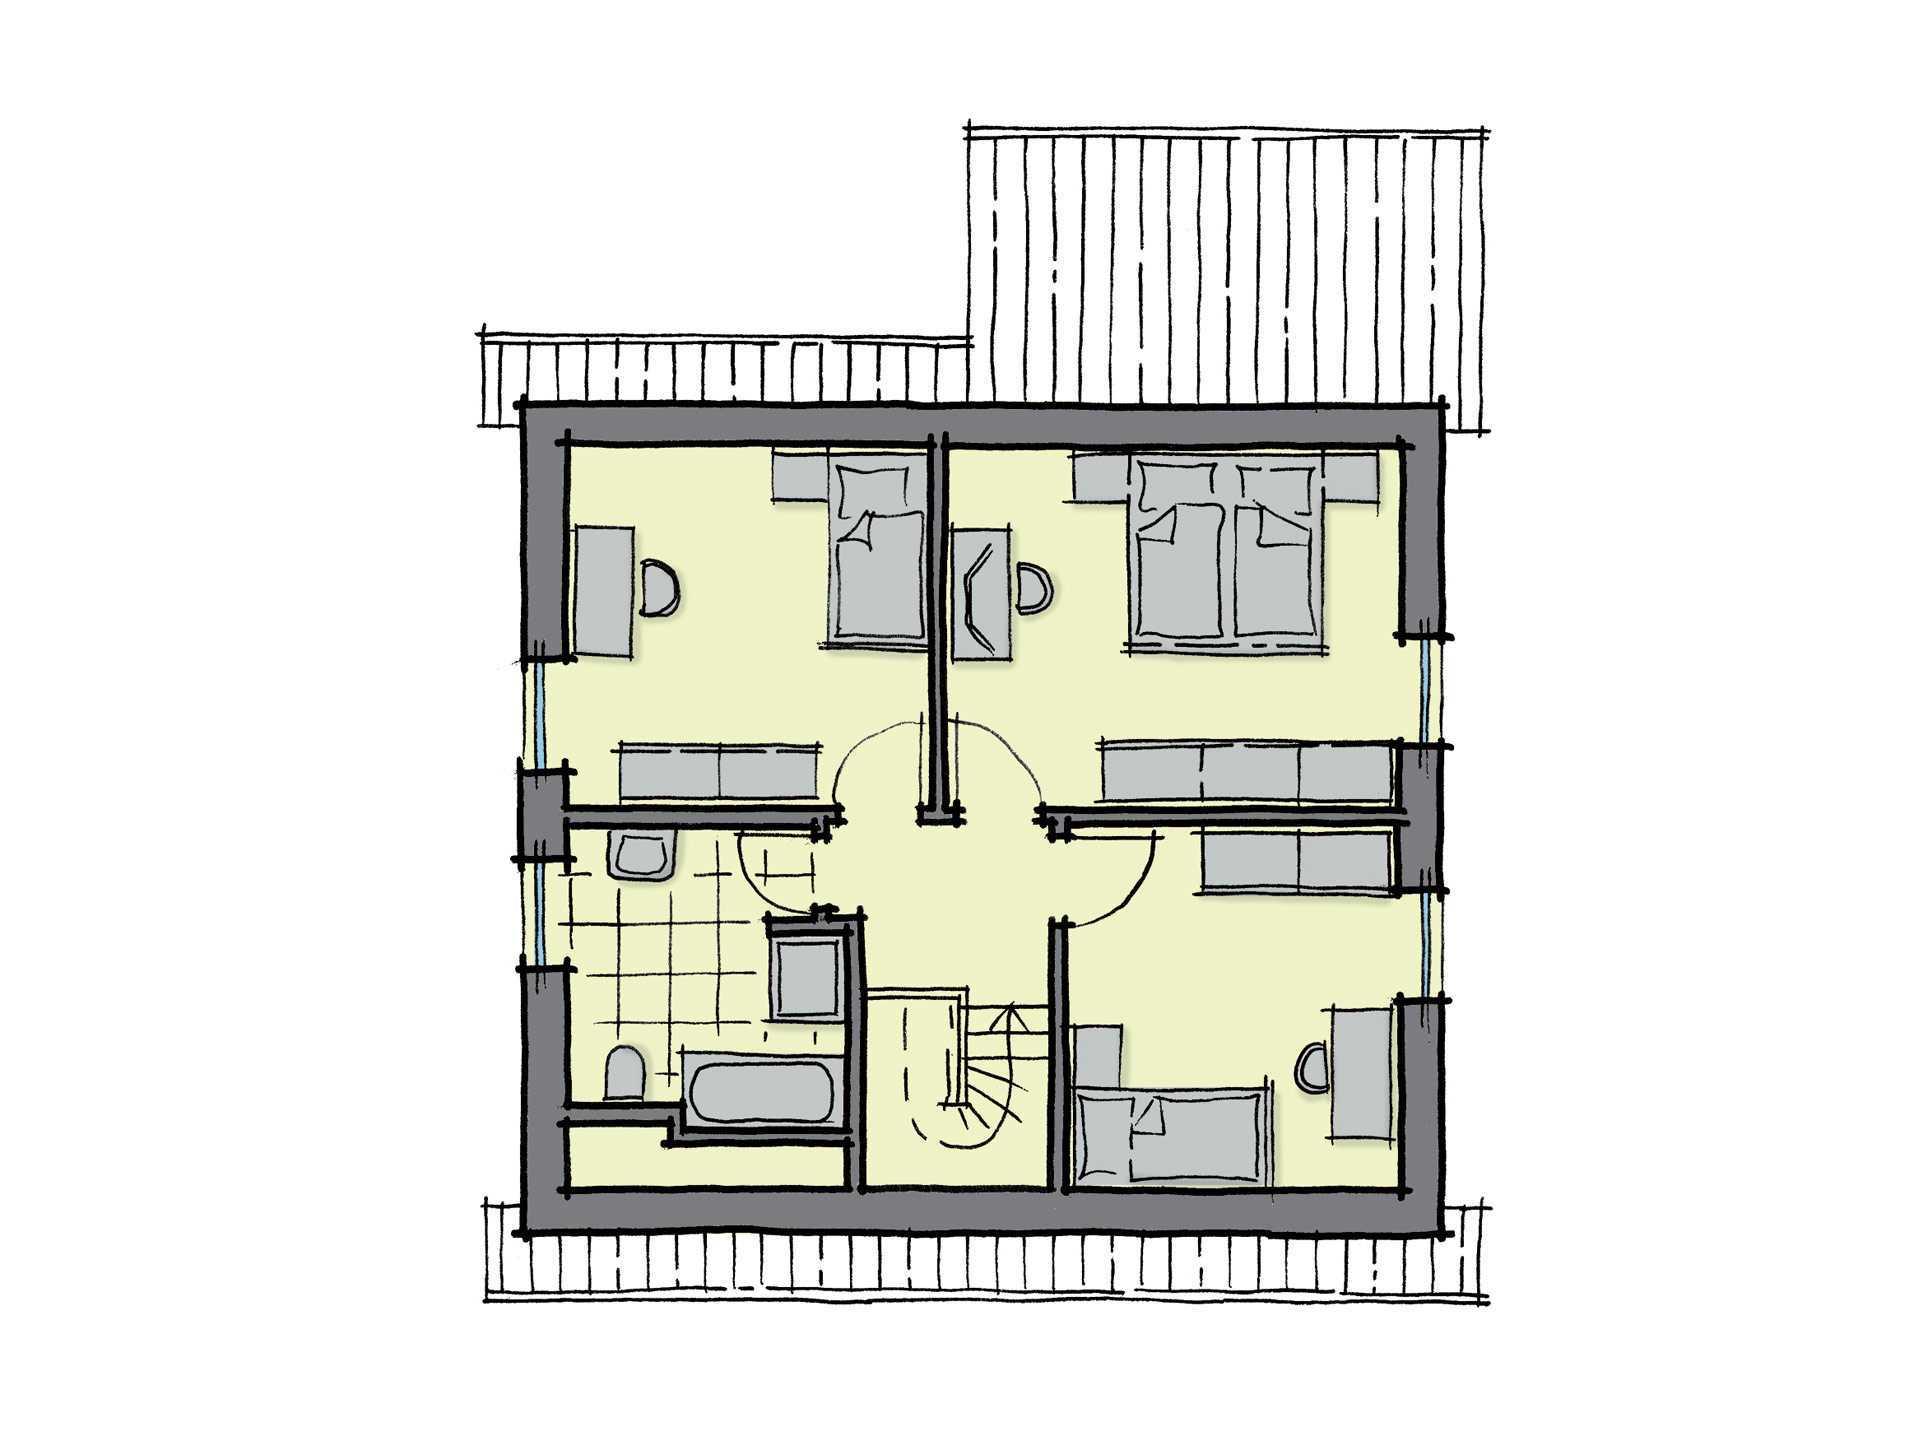 Grundriss Dachgeschoss Einfamilienhaus Kastanienallee GUSSEK HAUS